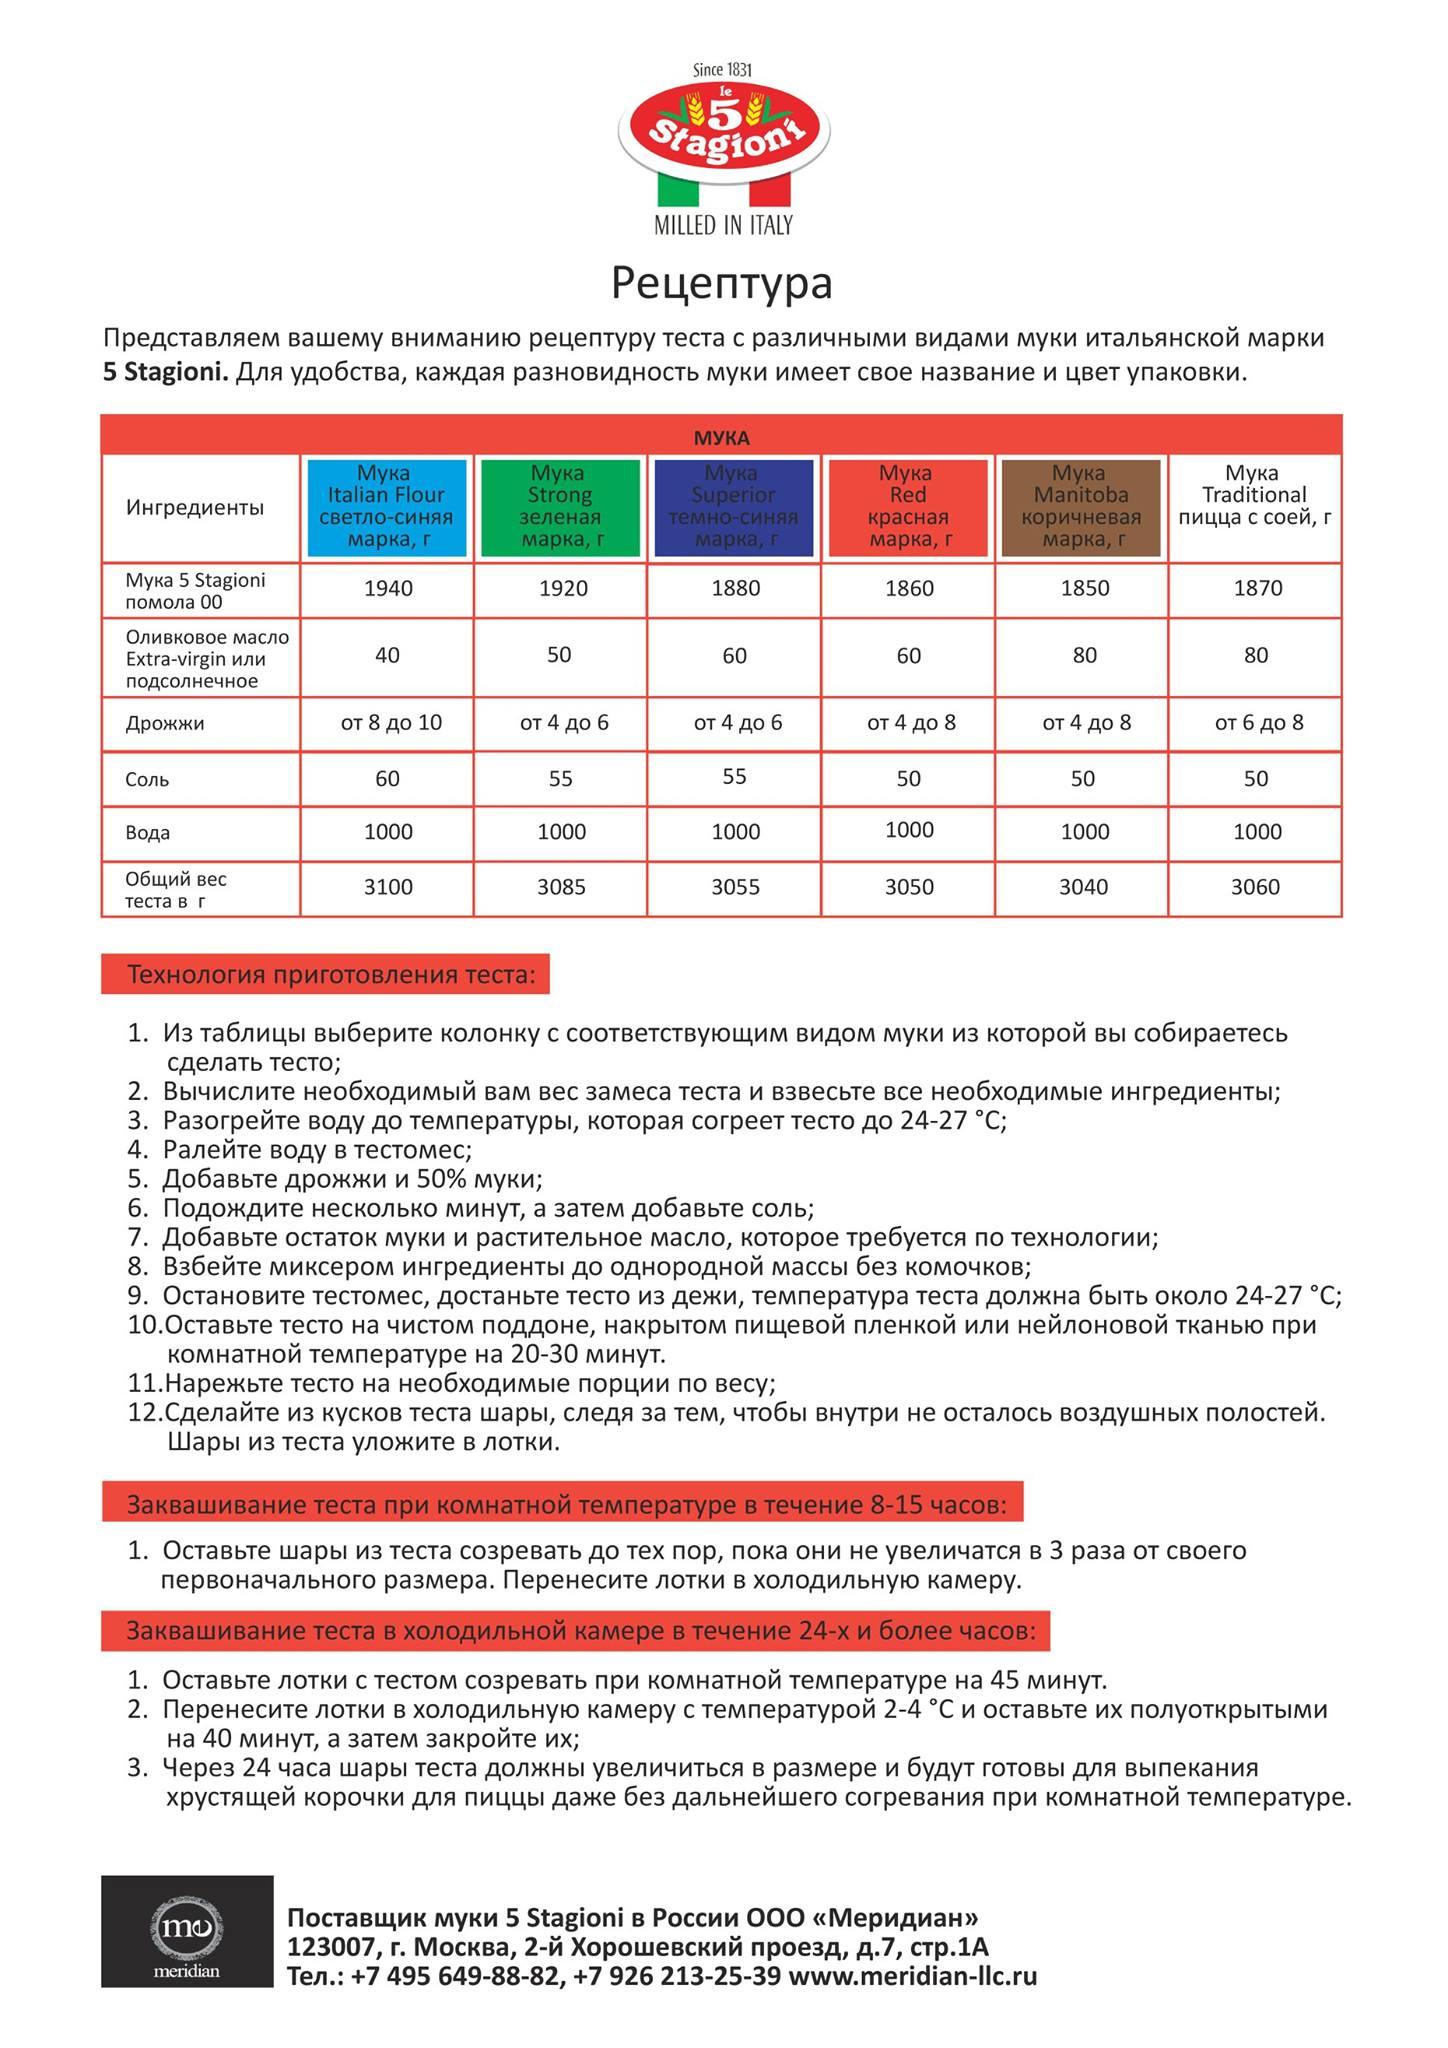 Таблица с рецептами приготовления теста на основе разных видов муки Le 5 Stagioni